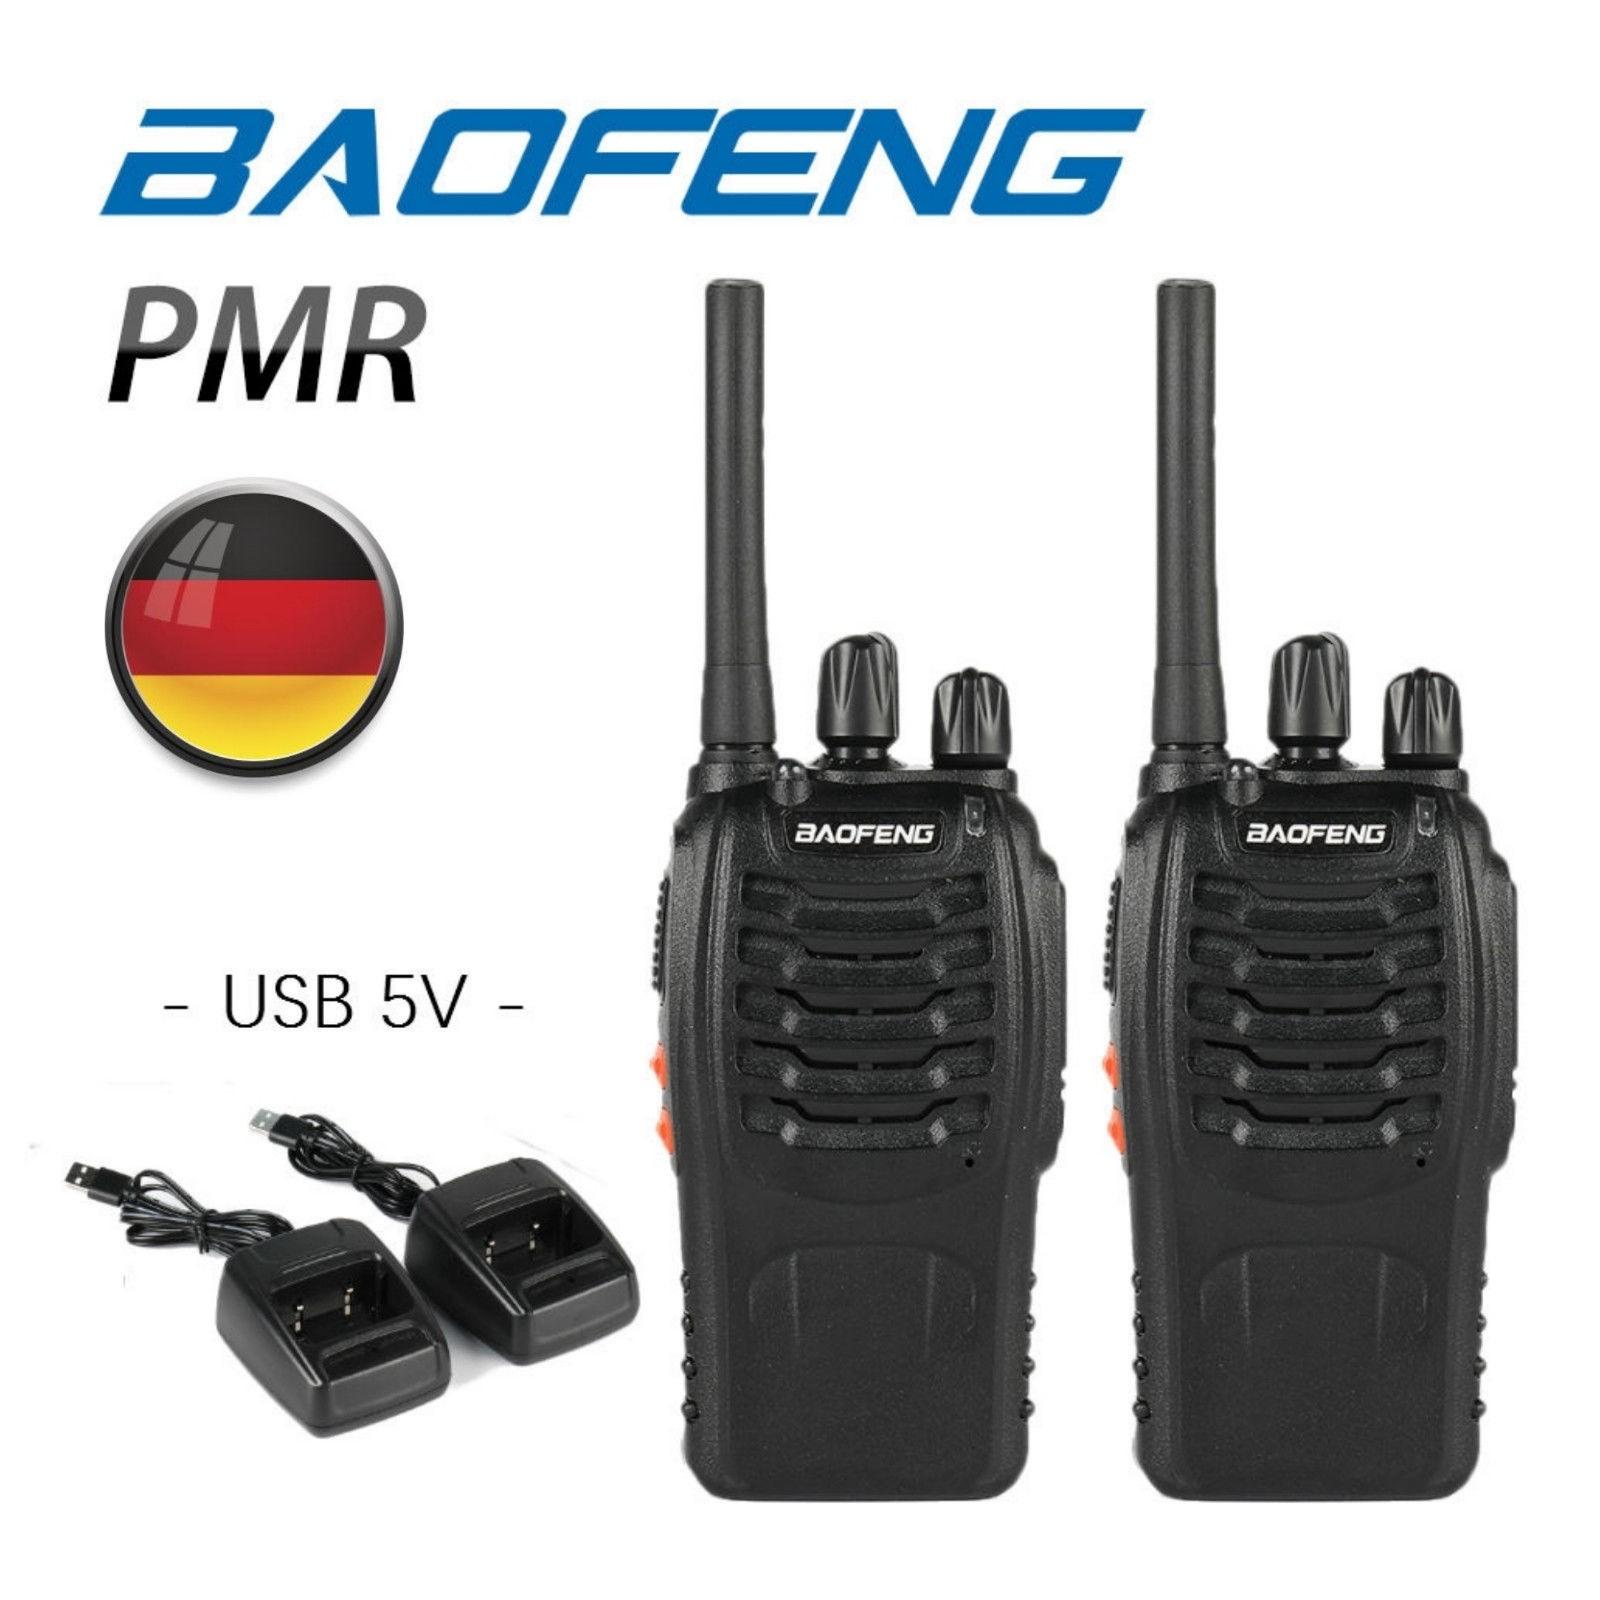 Baofeng BF-88E PMR Funkgerät, PMR 446 Walkie Talkie Wiederaufladbar USB (ein Paar, schwarz)